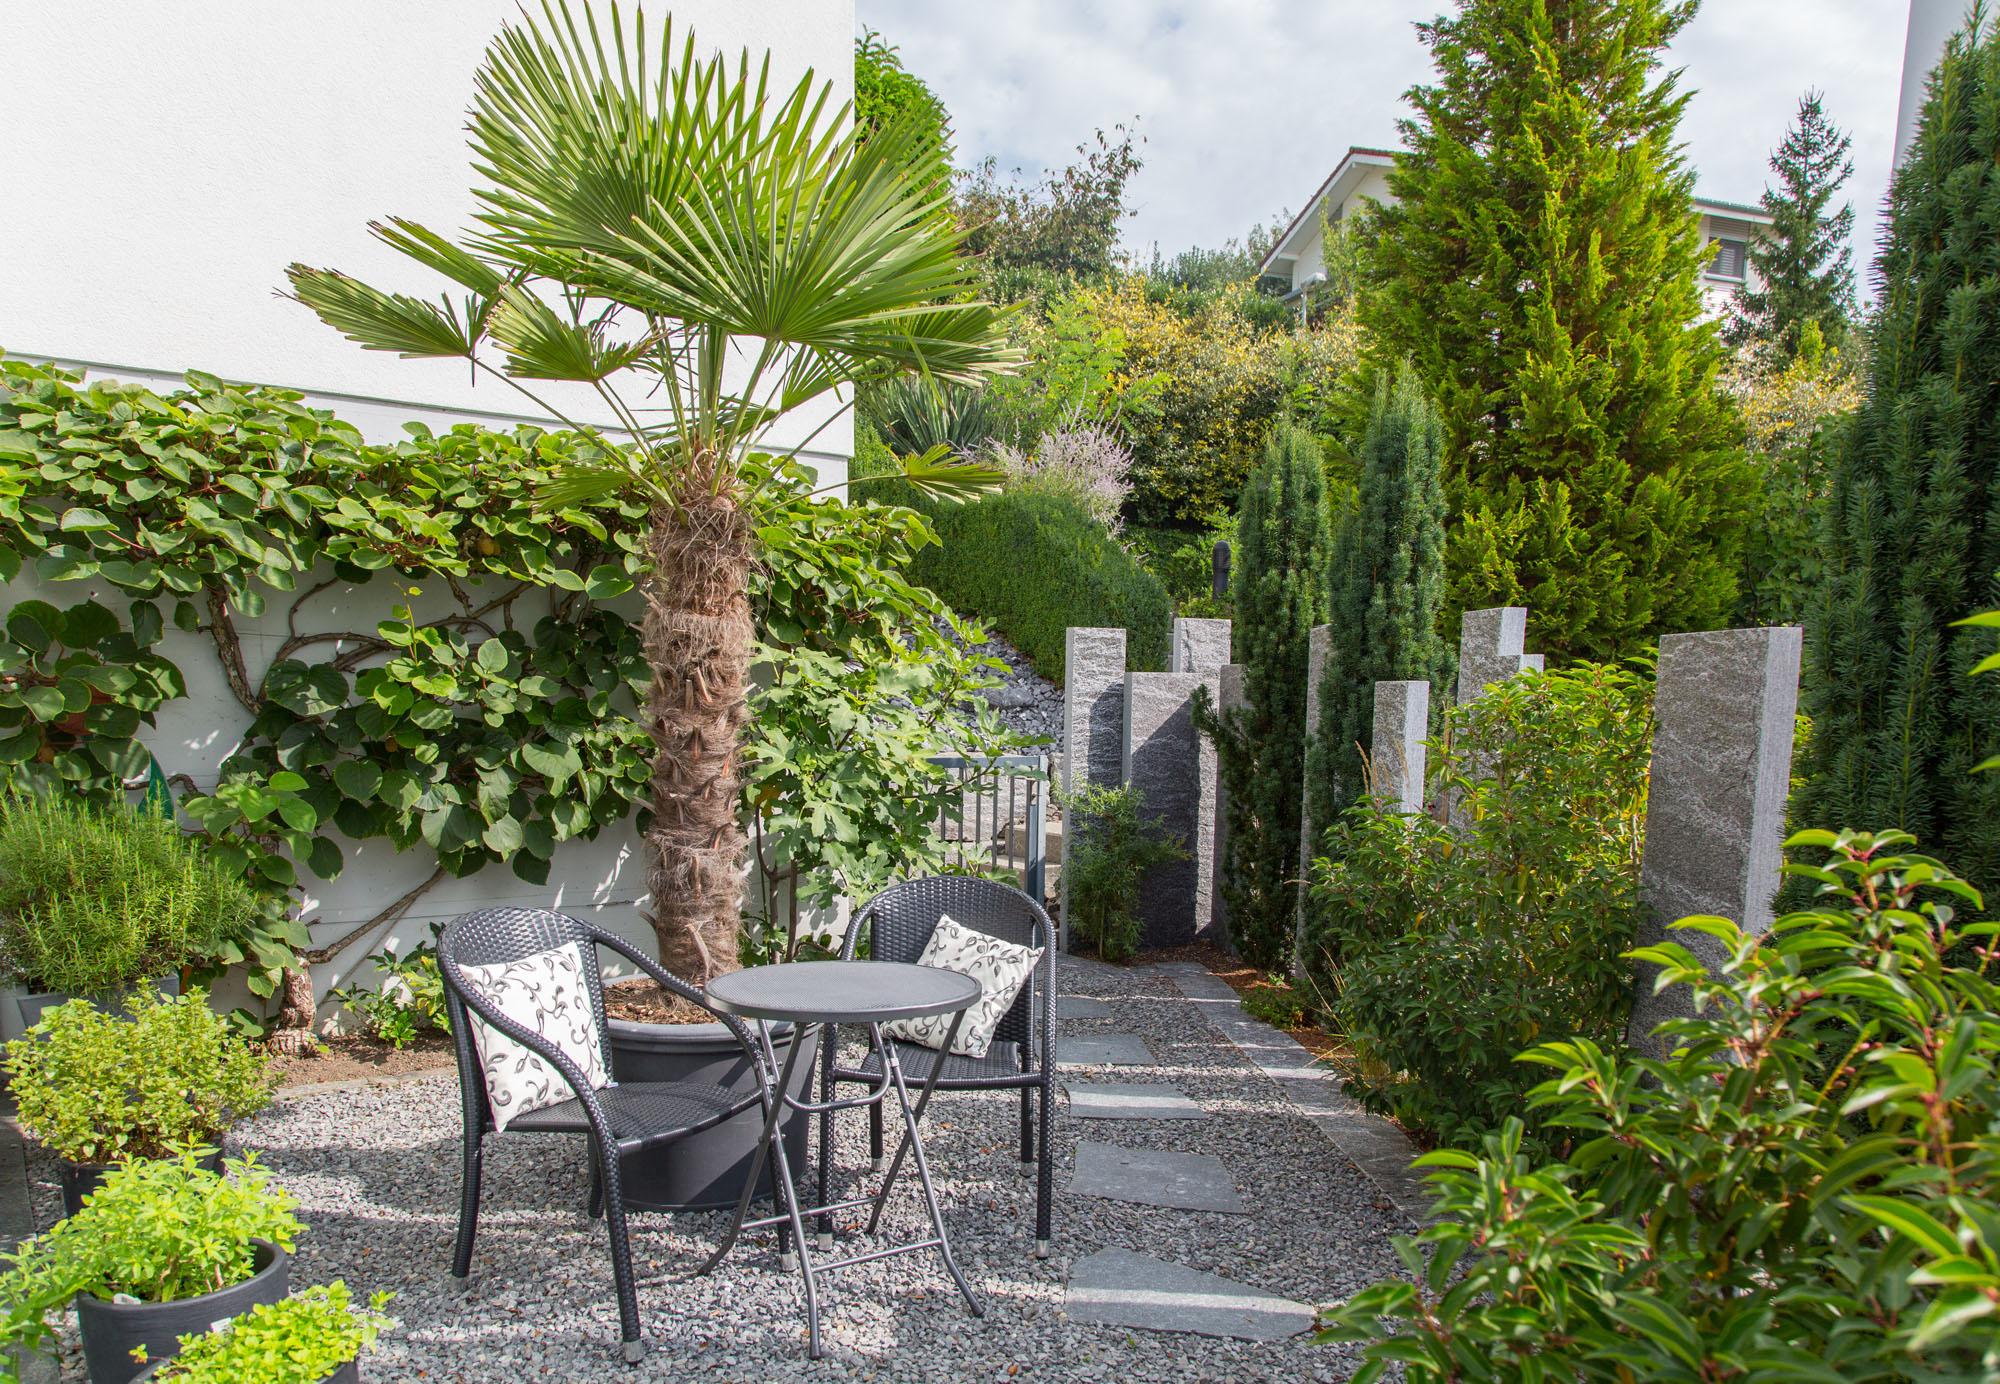 Mit Pflanzen entstehen Oasen. Wohlfühlgarten Portmann hilft Ihnen bei der Wahl!